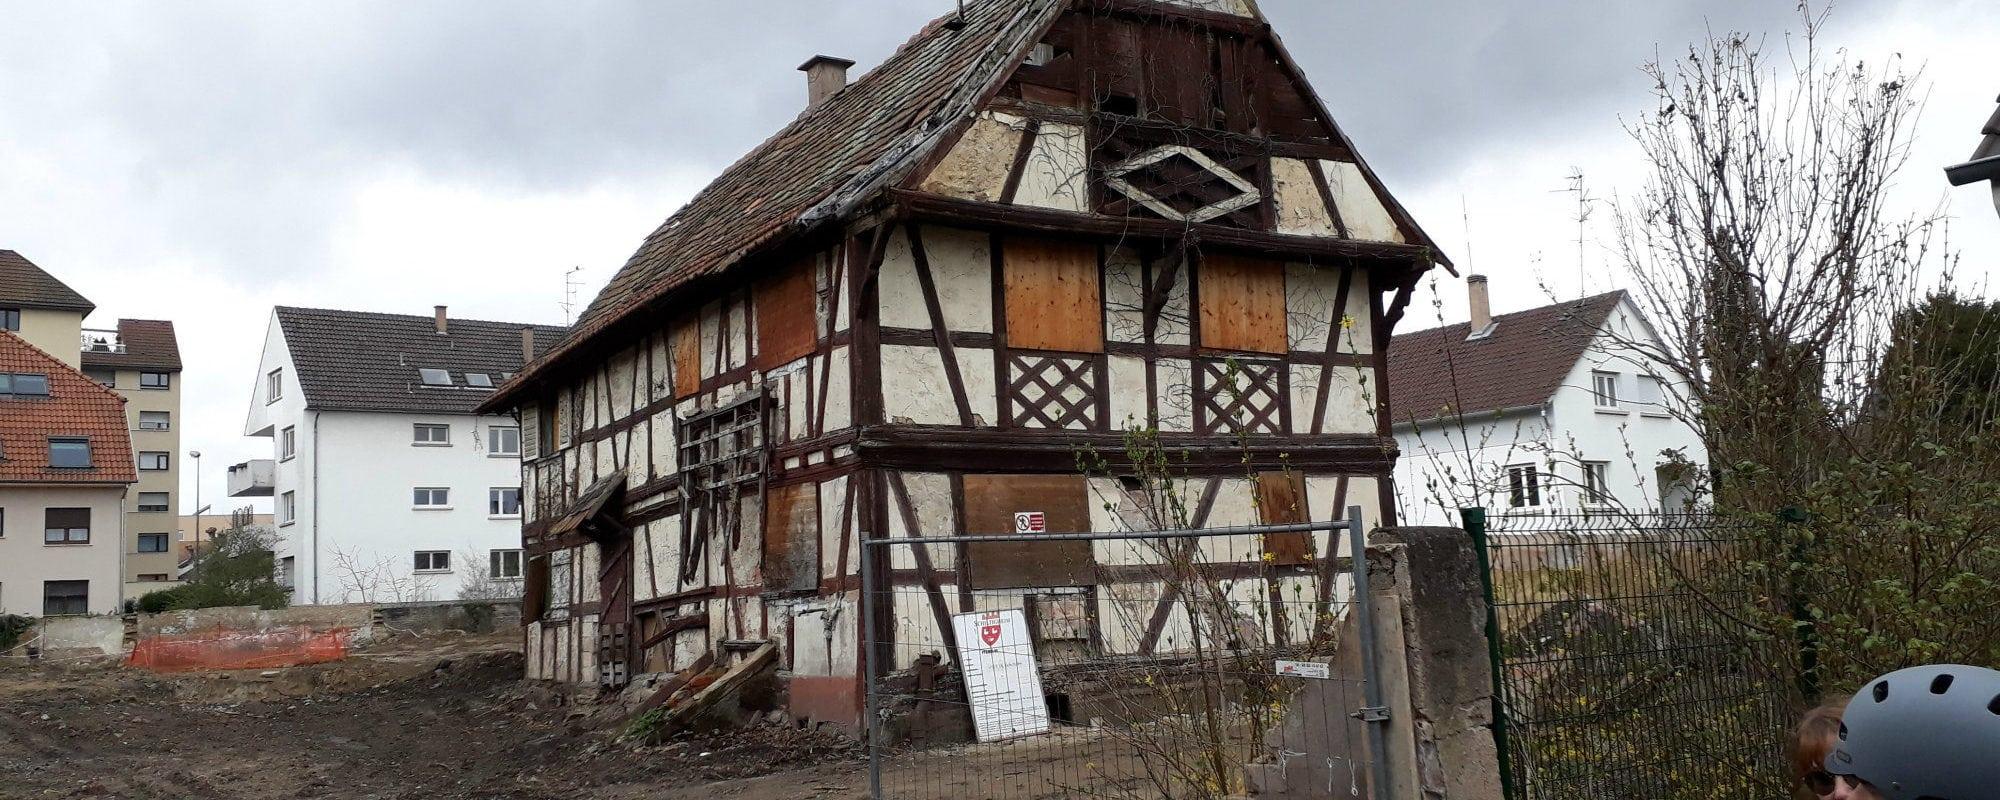 À Schiltigheim, une convergence de listes autour d'une maison alsacienne